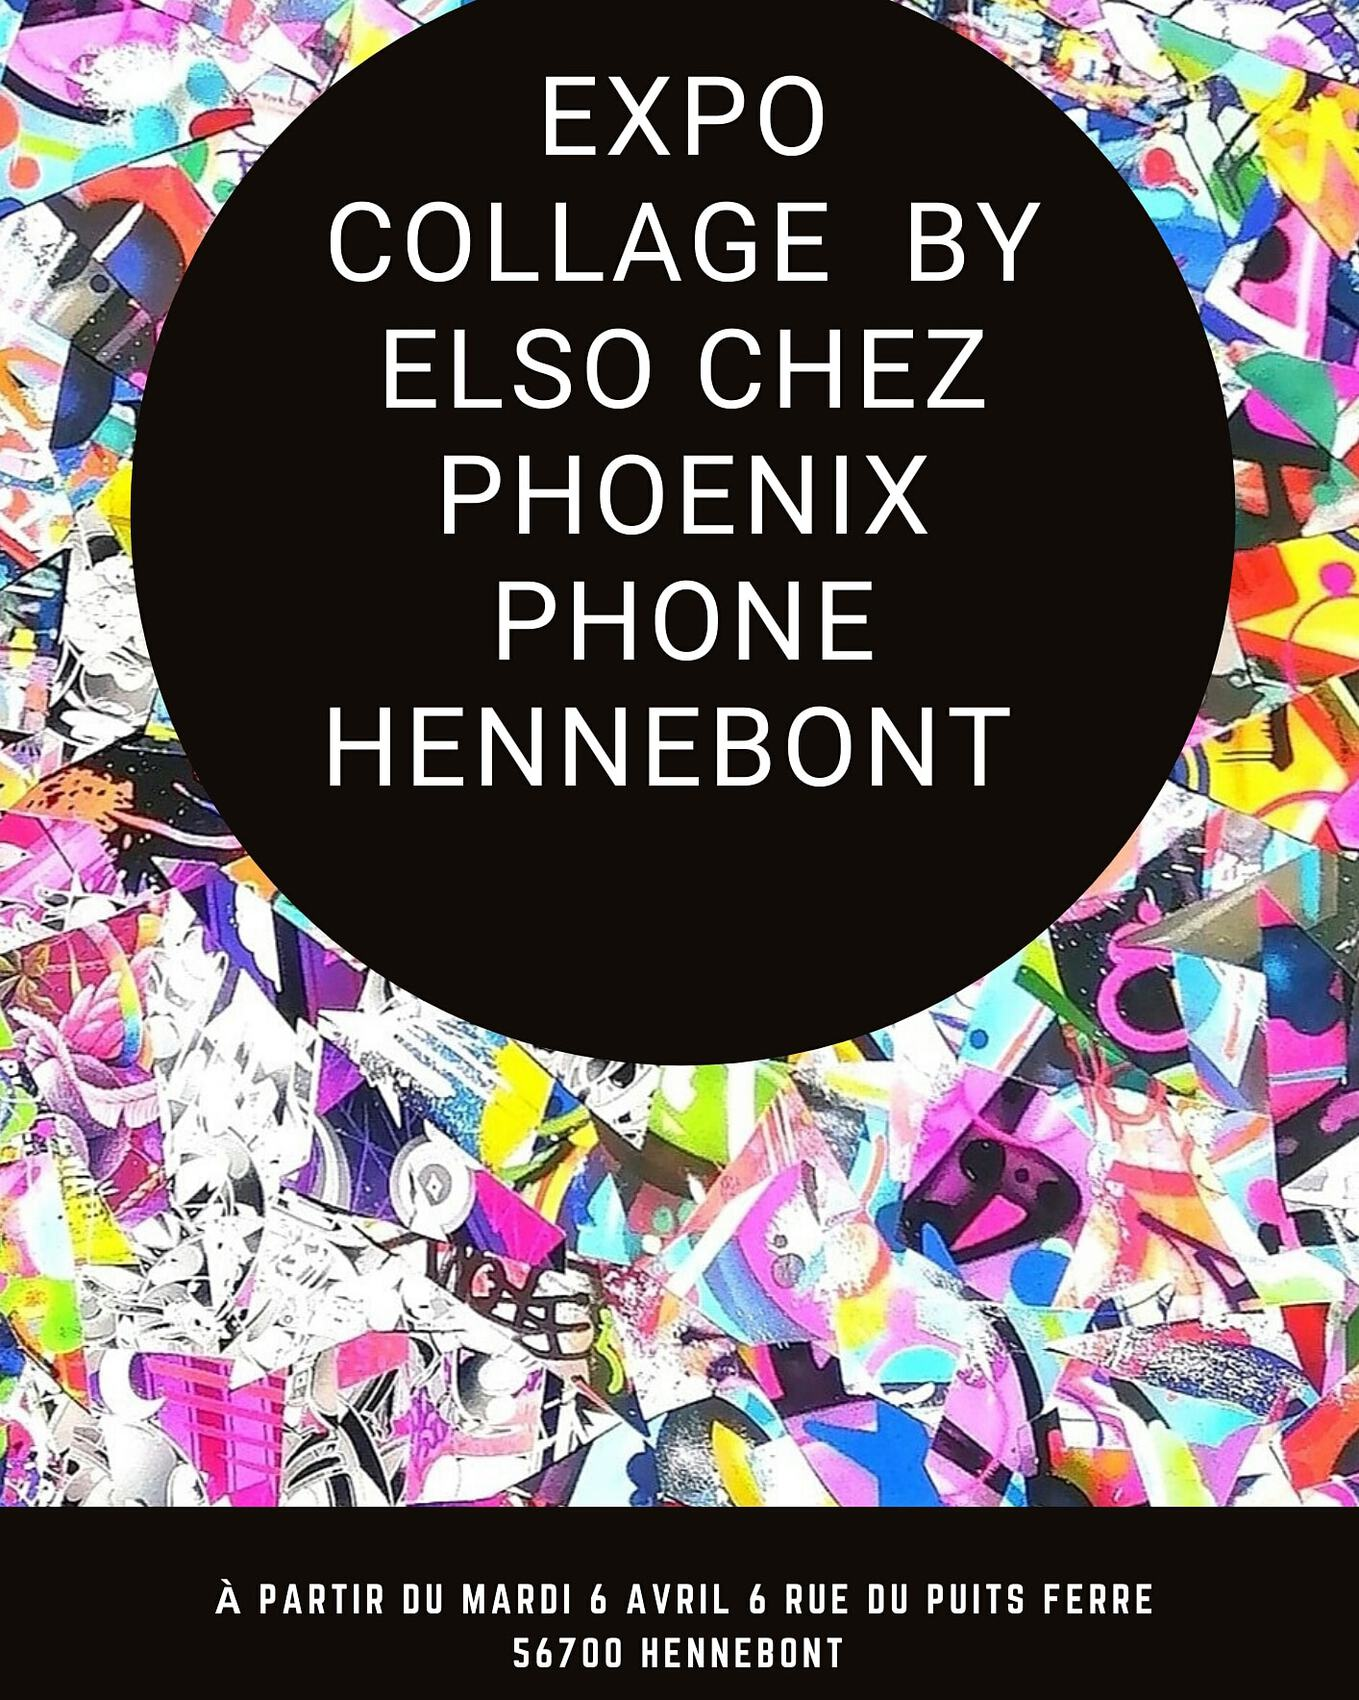 Elso expo chez PHOENIX PHONE à Hennebont